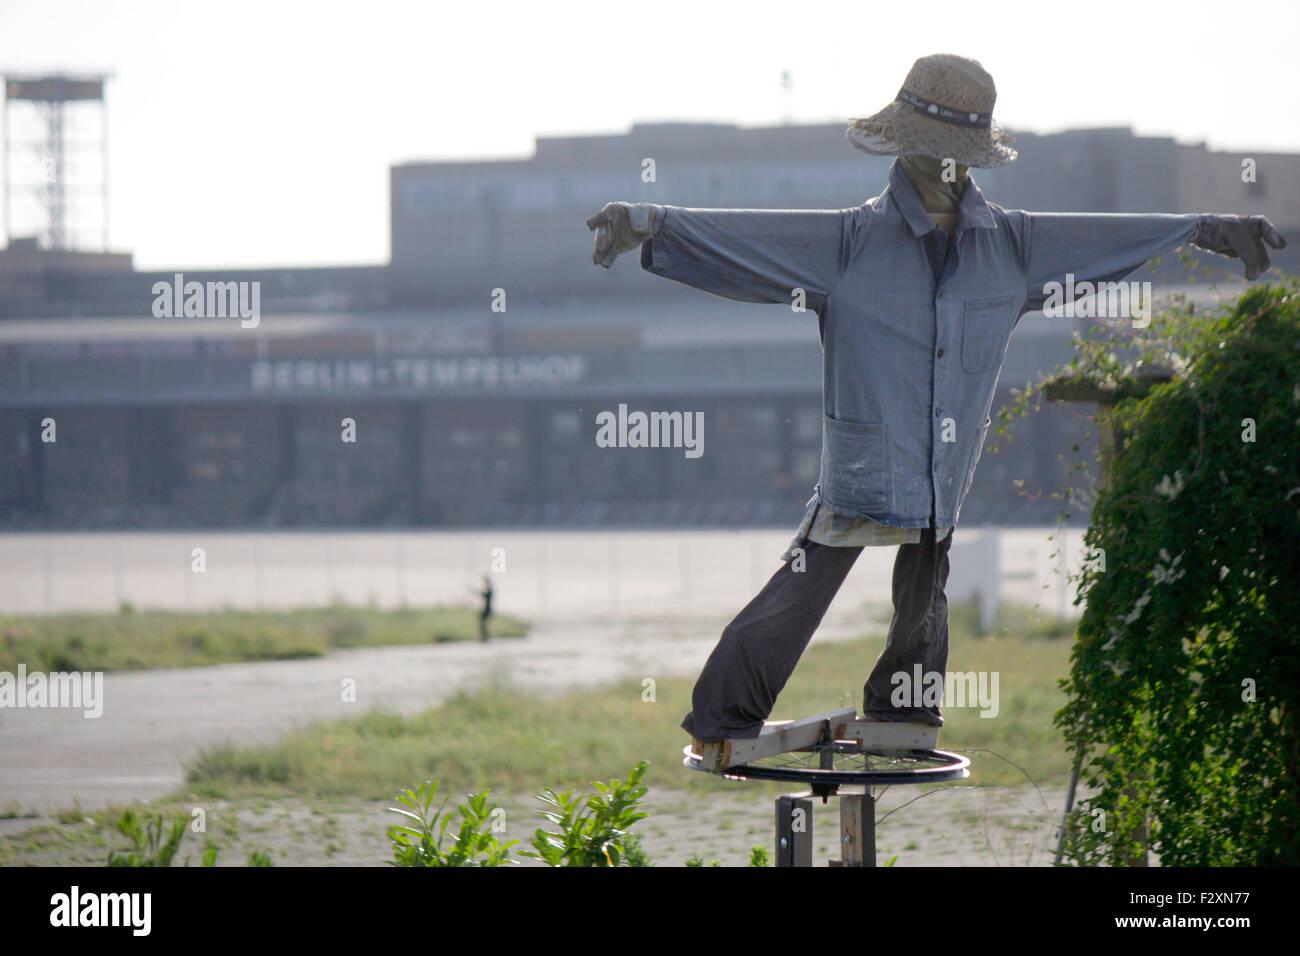 Vogelscheuche - Impressionen: Tempelhofer Feld auf dem Gelaende des frueheren Flughafen Tempelhof, Berlin-Tempelhof. - Stock Image